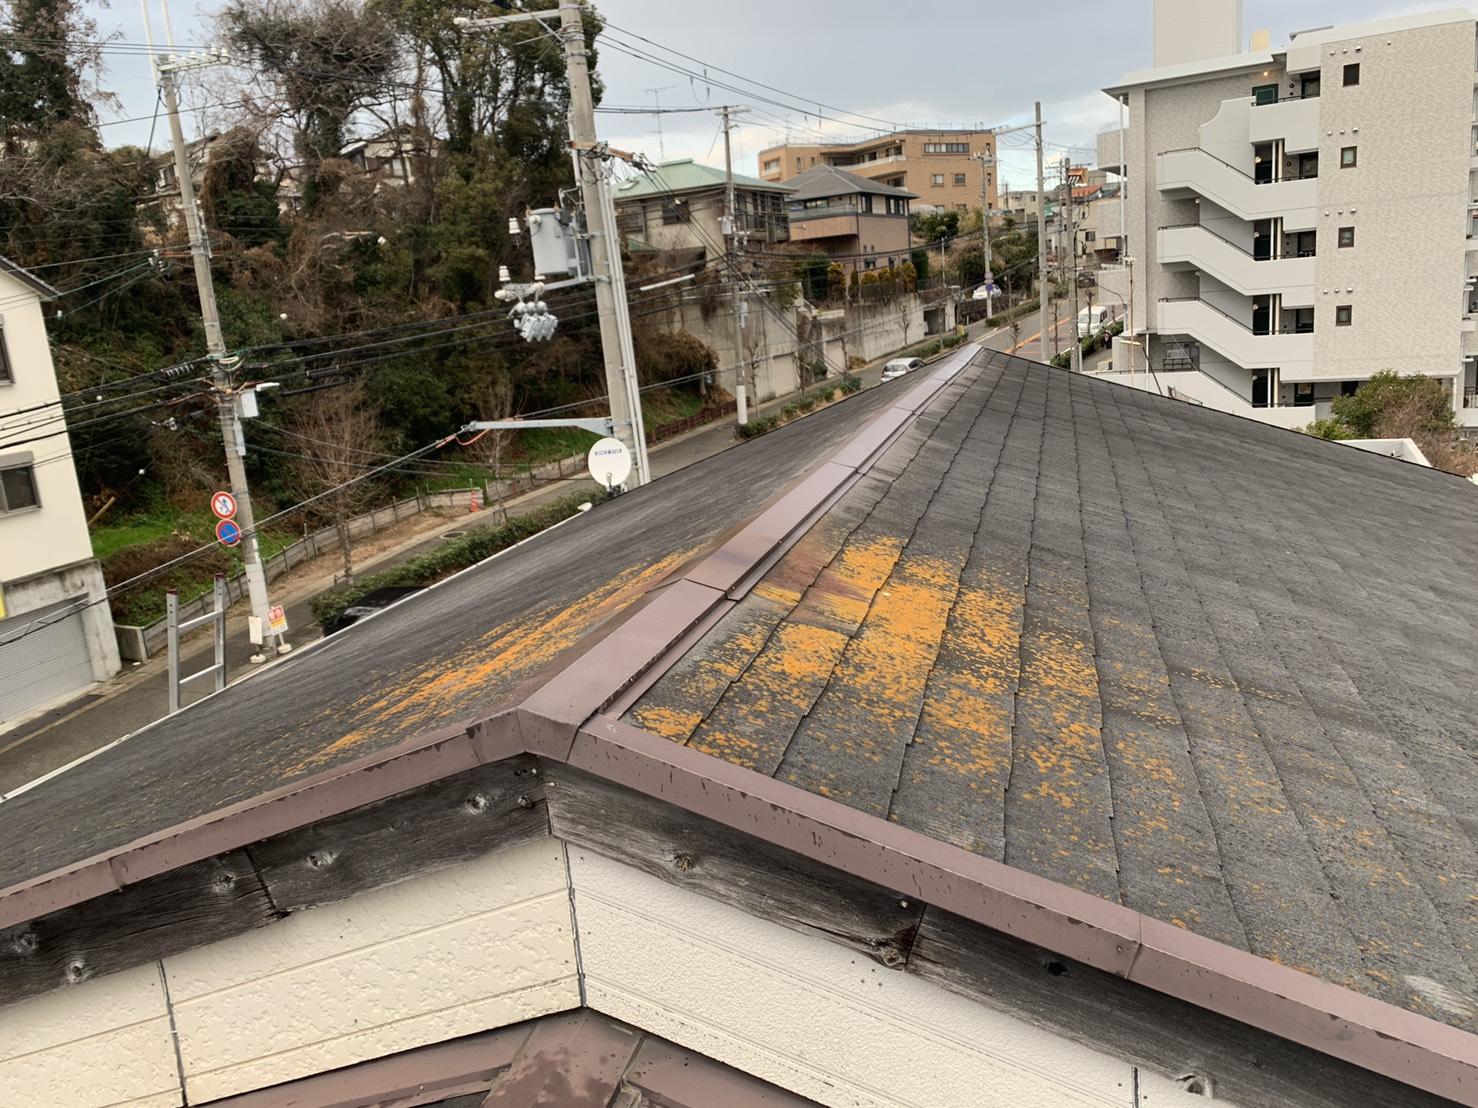 明石市のハイツで台風前に屋根調査を行ったスレート屋根の様子